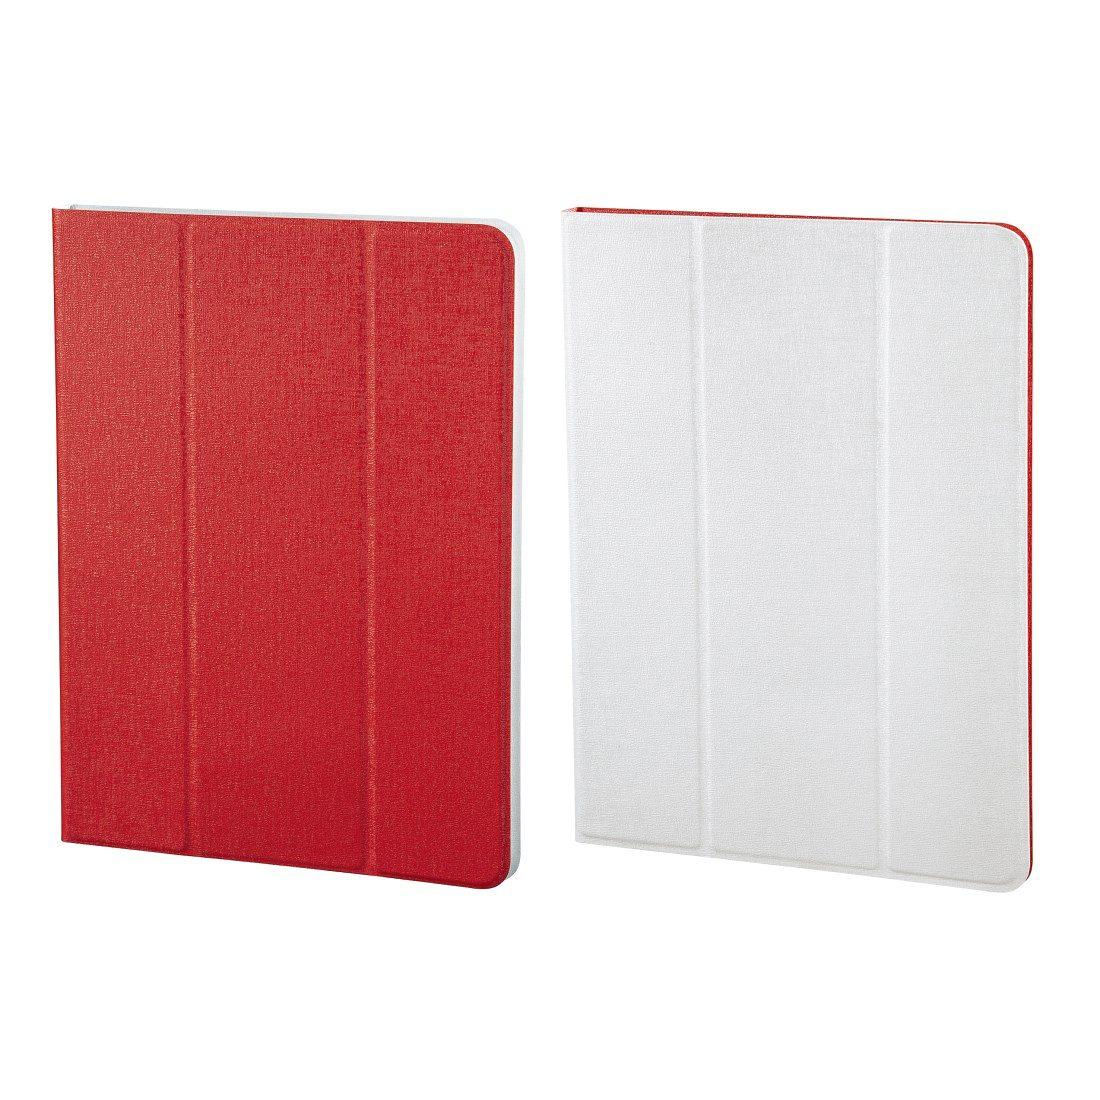 Hama Portfolio TwoTone für alle Tablets bis 25,6 cm (10,1), Rot/Weiß